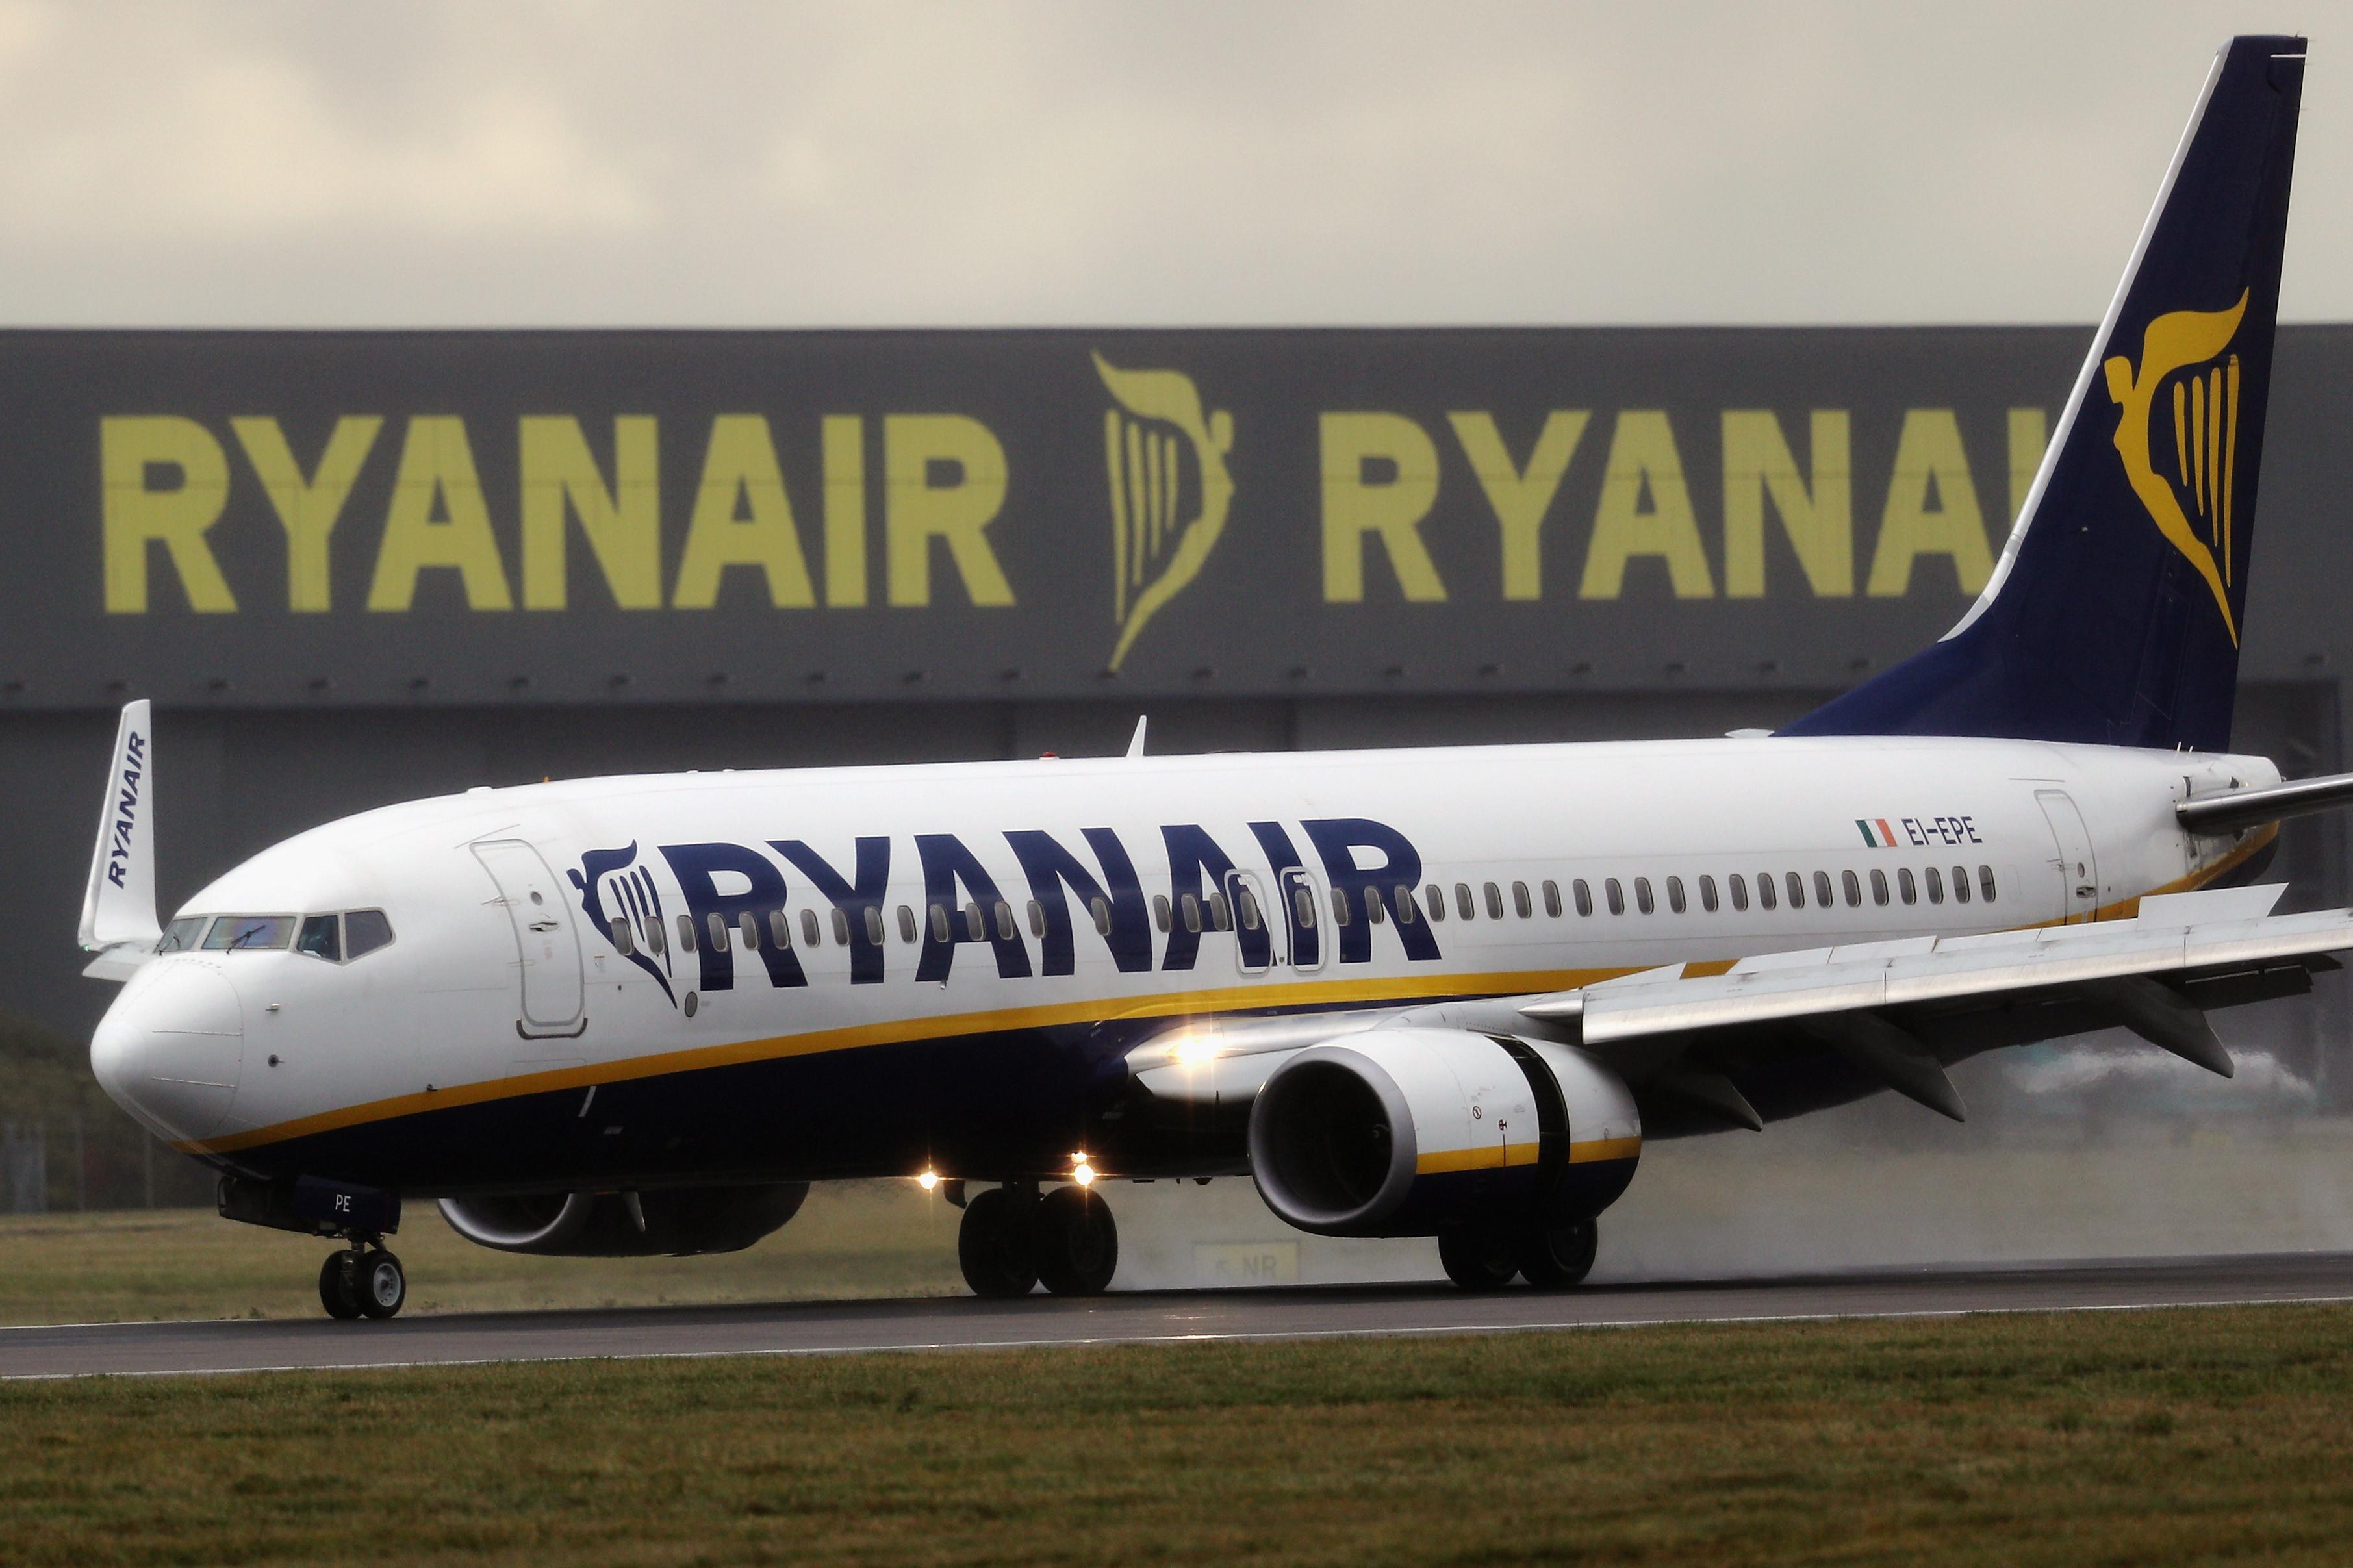 Deco contesta cobrança pela Ryanair de 'check in' a passageiros